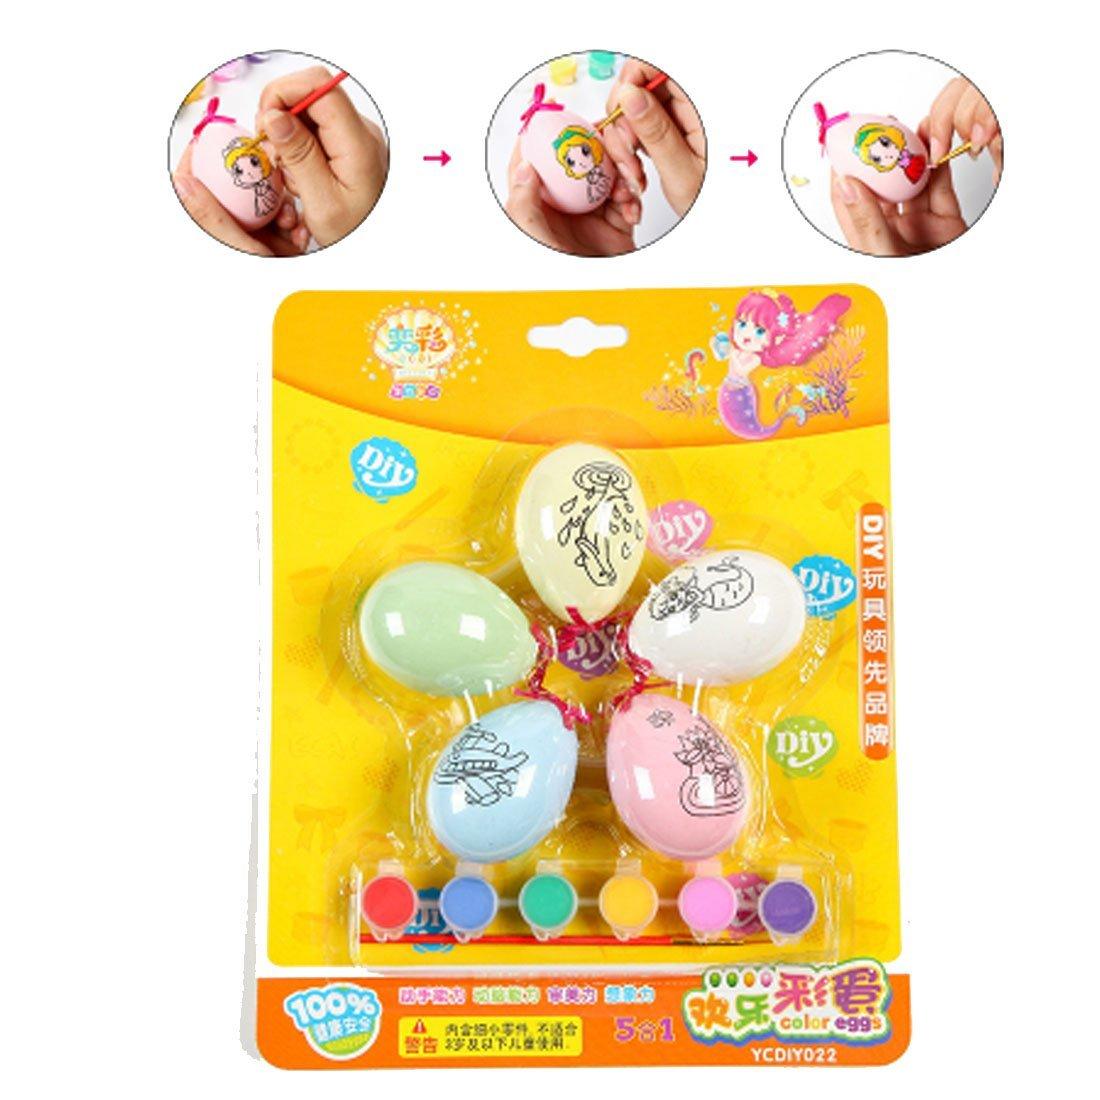 Polade DIY Easter Eggs Plastic Bright Egg Child Painted Eggshell Plastic painted Festivals Home Decor Diy Easter Egg Toys